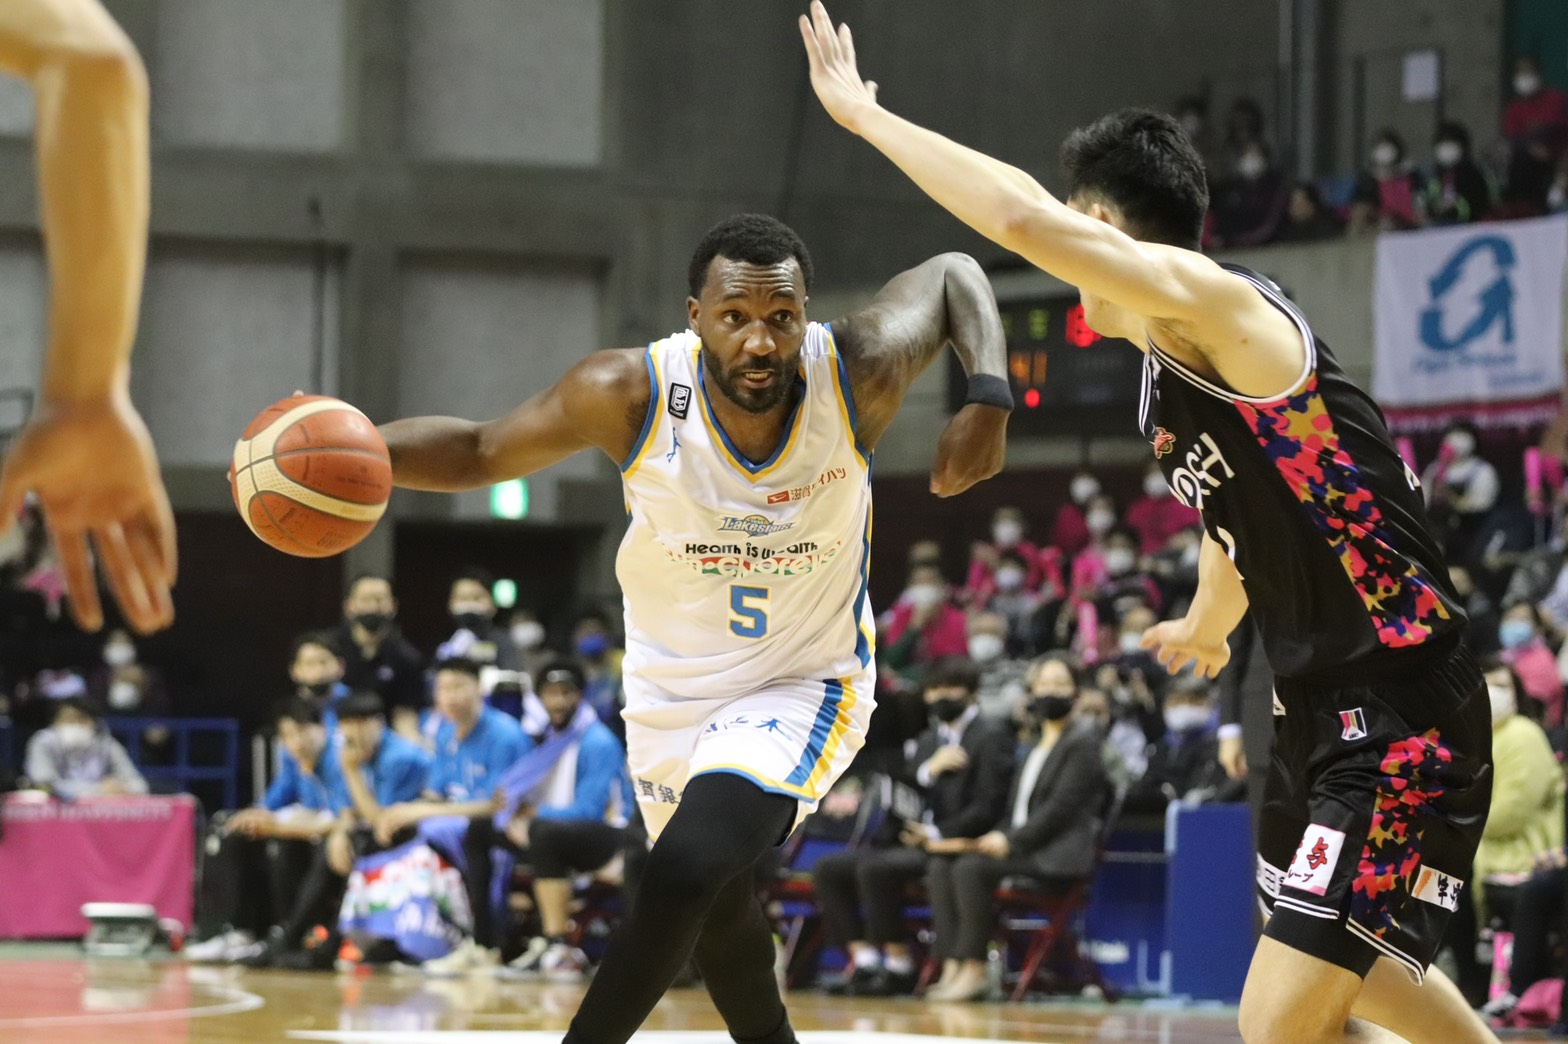 滋賀レイクスターズのハミルトン©Basketball News 2for1